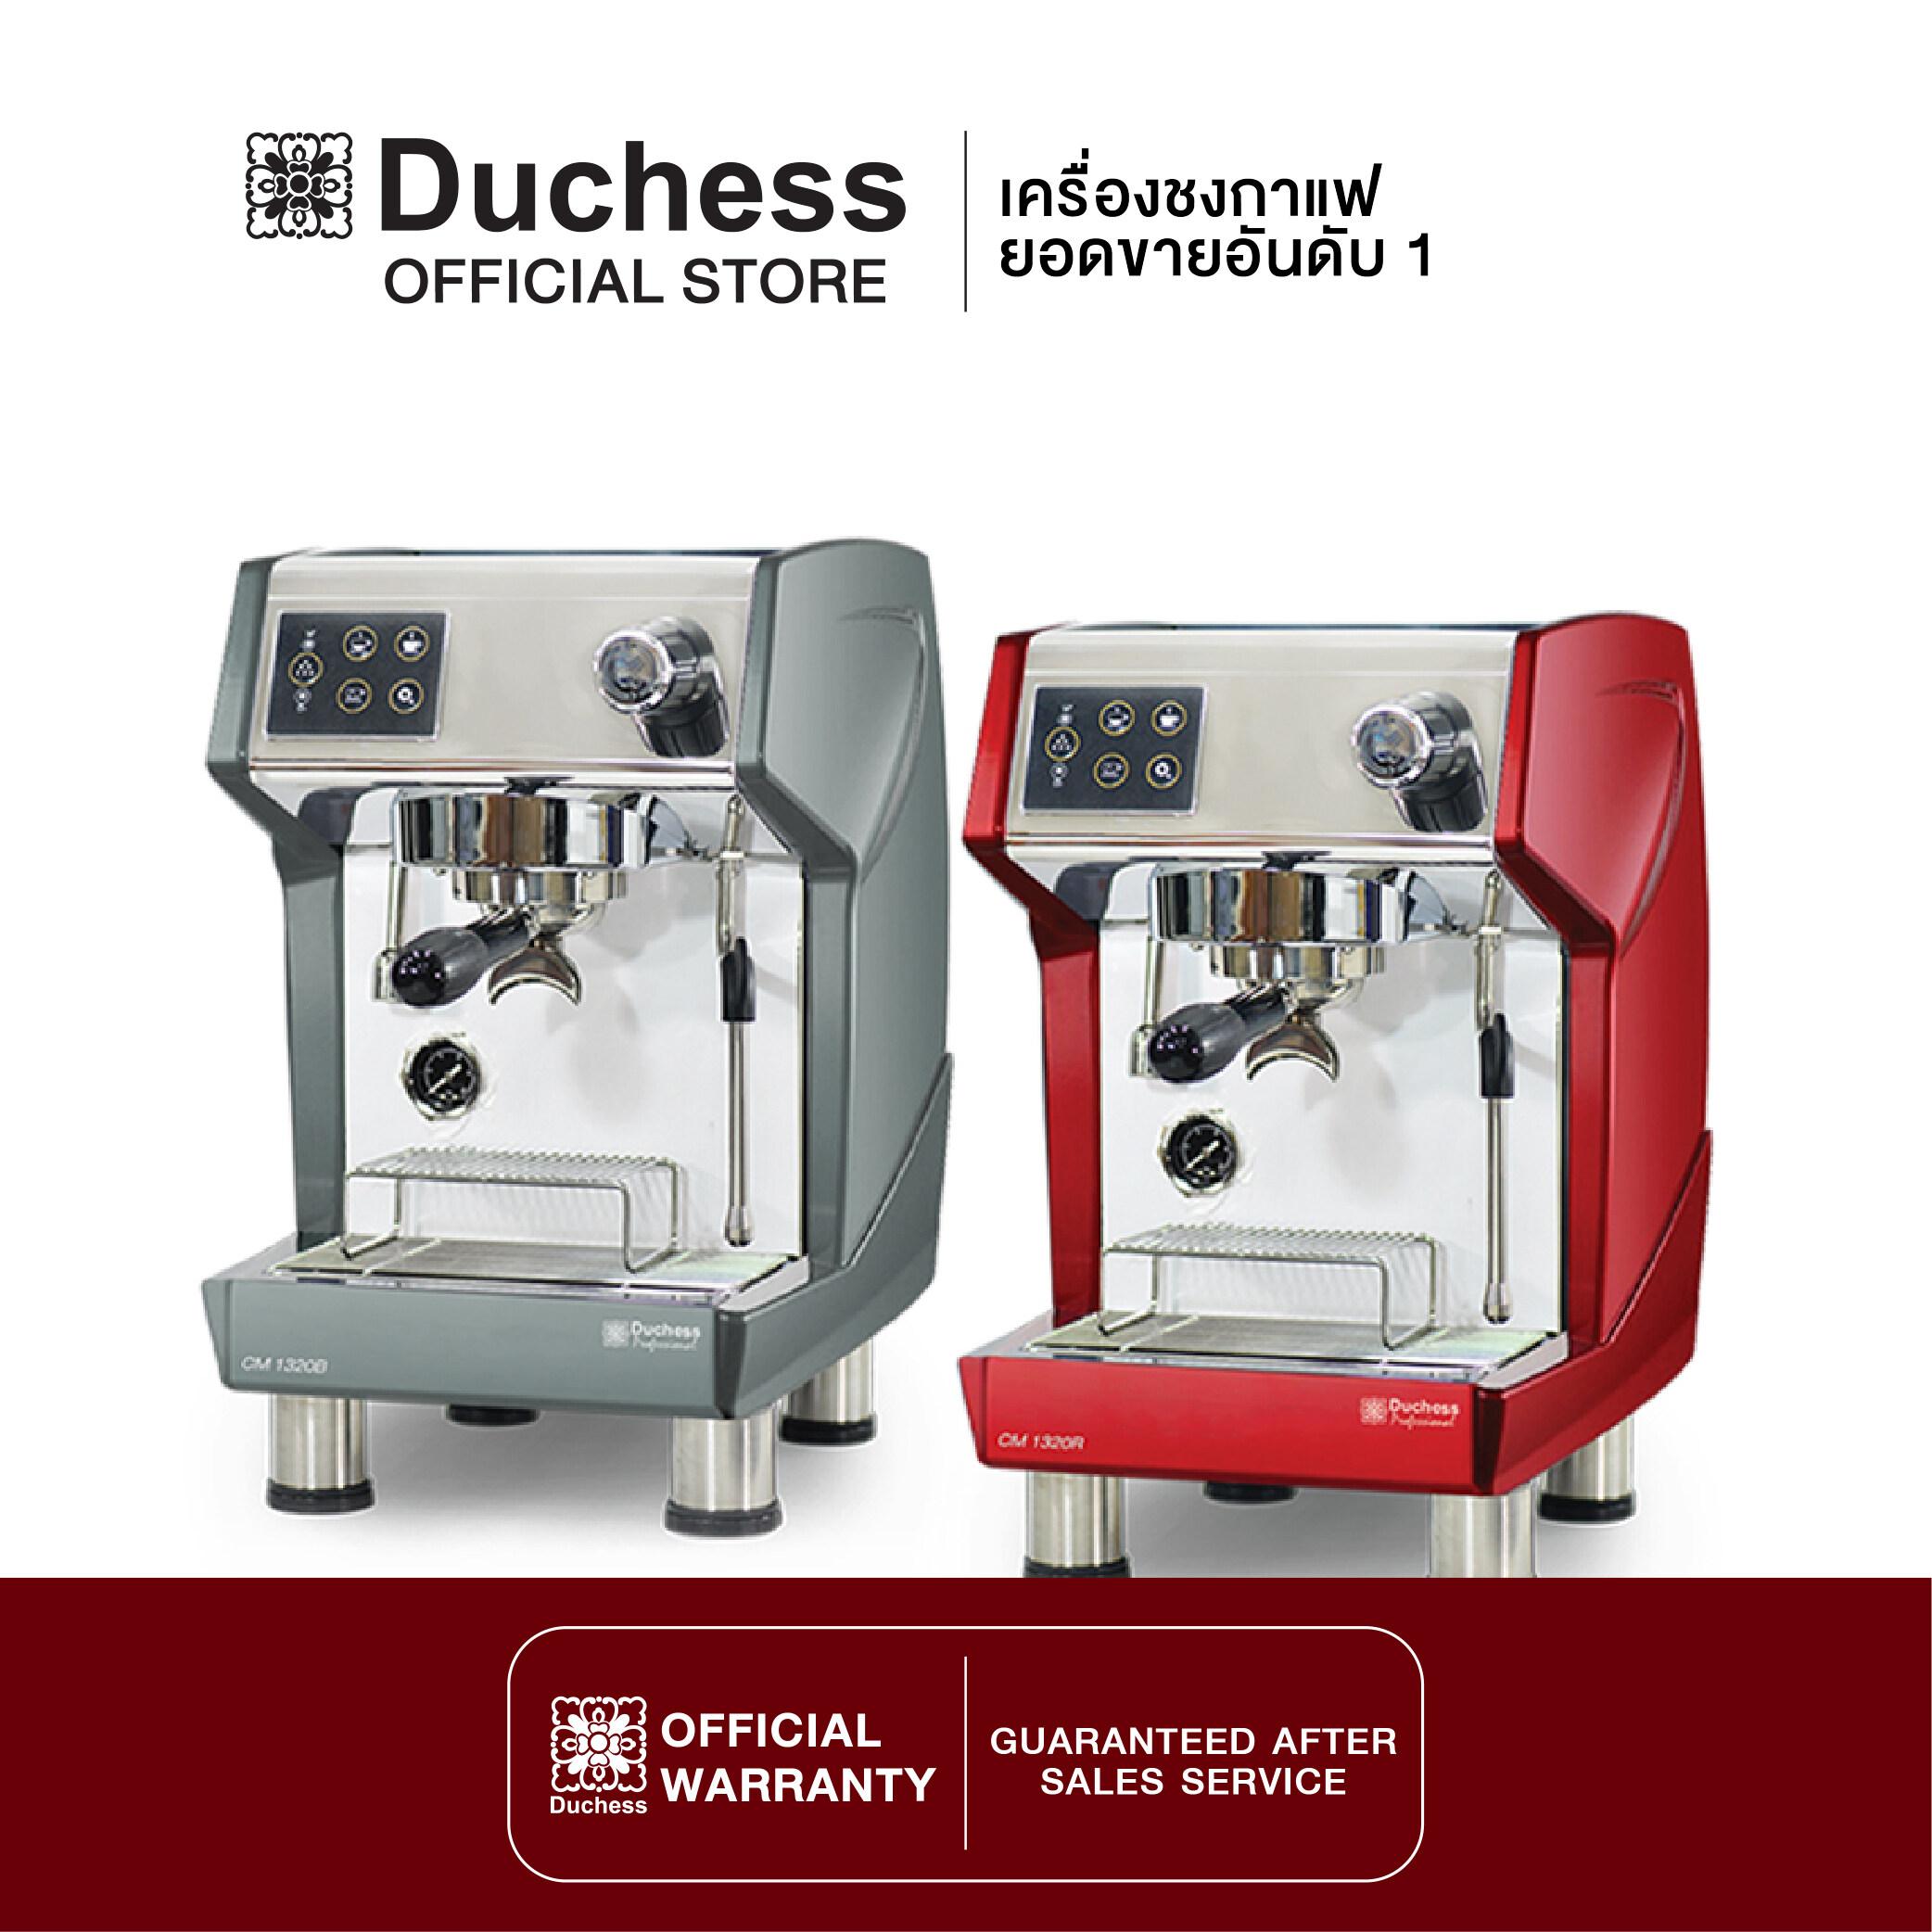 Duchess CM1320 - เครื่องชงกาแฟสด มี 2สี ให้เลือก (สีดำ/สีแดง)  แถมฟรี!! ก้านชง+ช้อนตักกาแฟ (รับประกันเครื่อง 1 ปี)